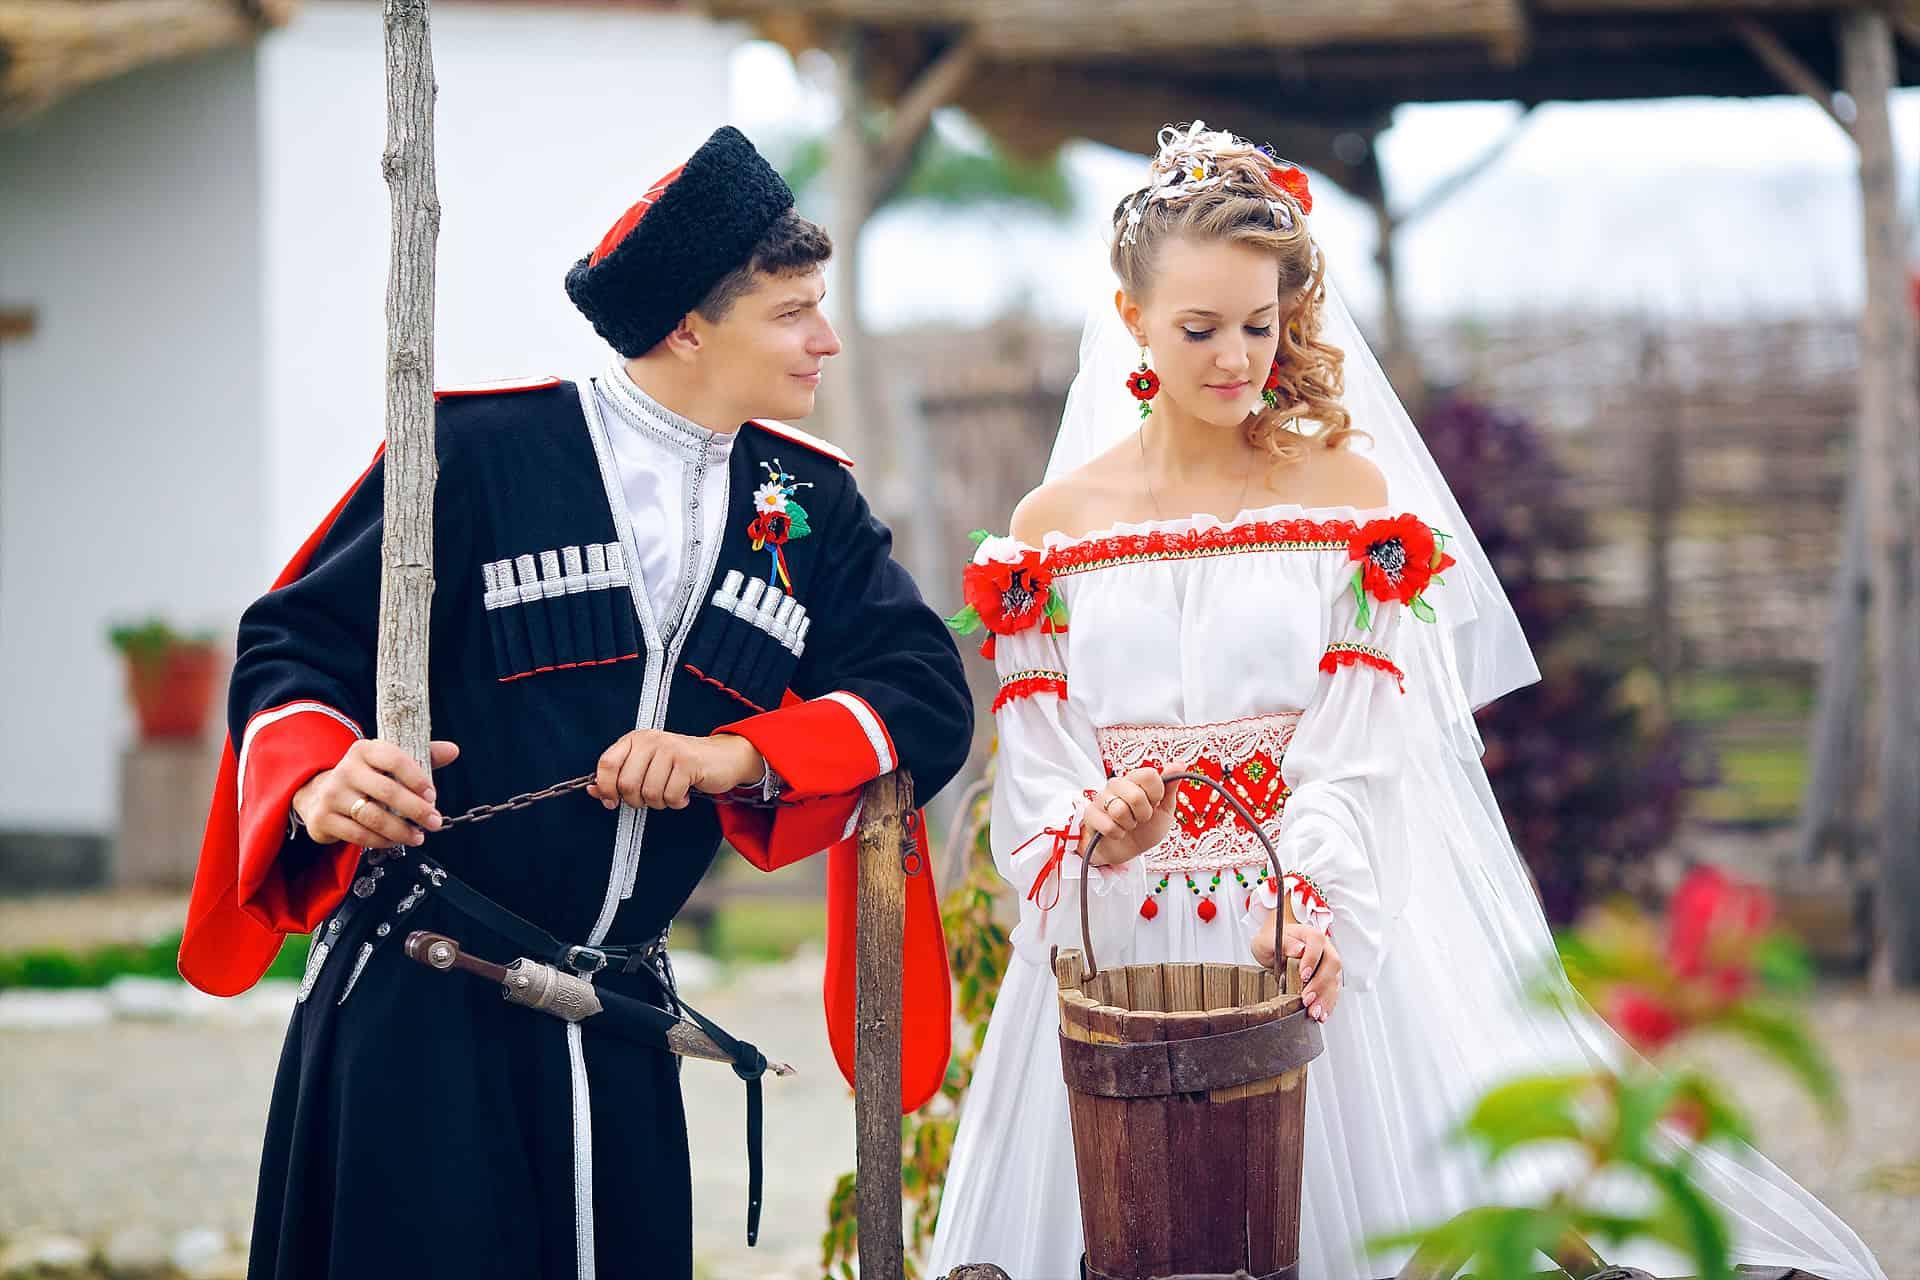 Photo of Выставка «Кубанские казаки» Выставка «Кубанские казаки» Выставка «Кубанские казаки» 1 22